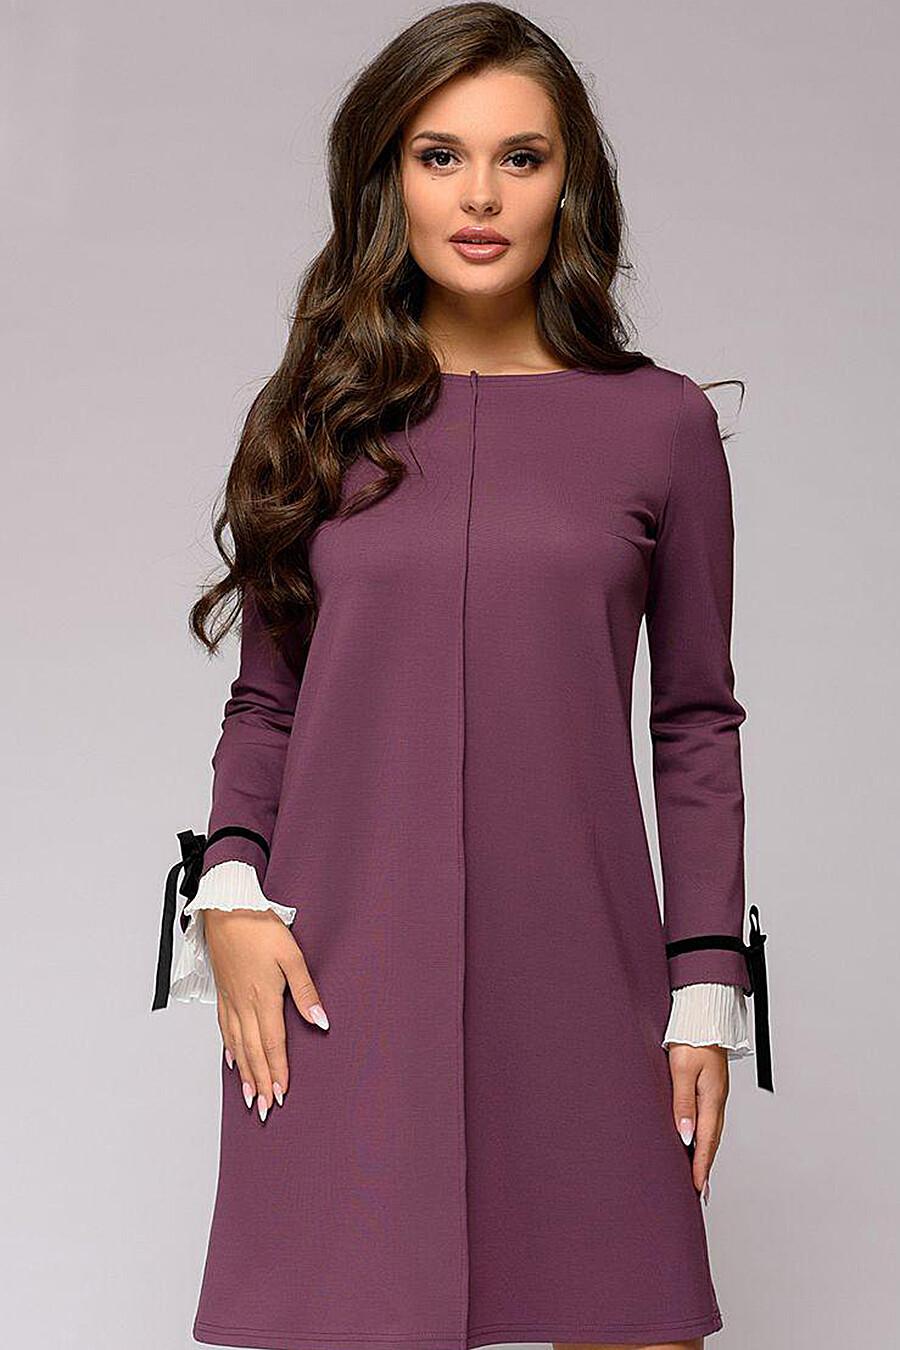 Платье для женщин 1001 DRESS 131174 купить оптом от производителя. Совместная покупка женской одежды в OptMoyo